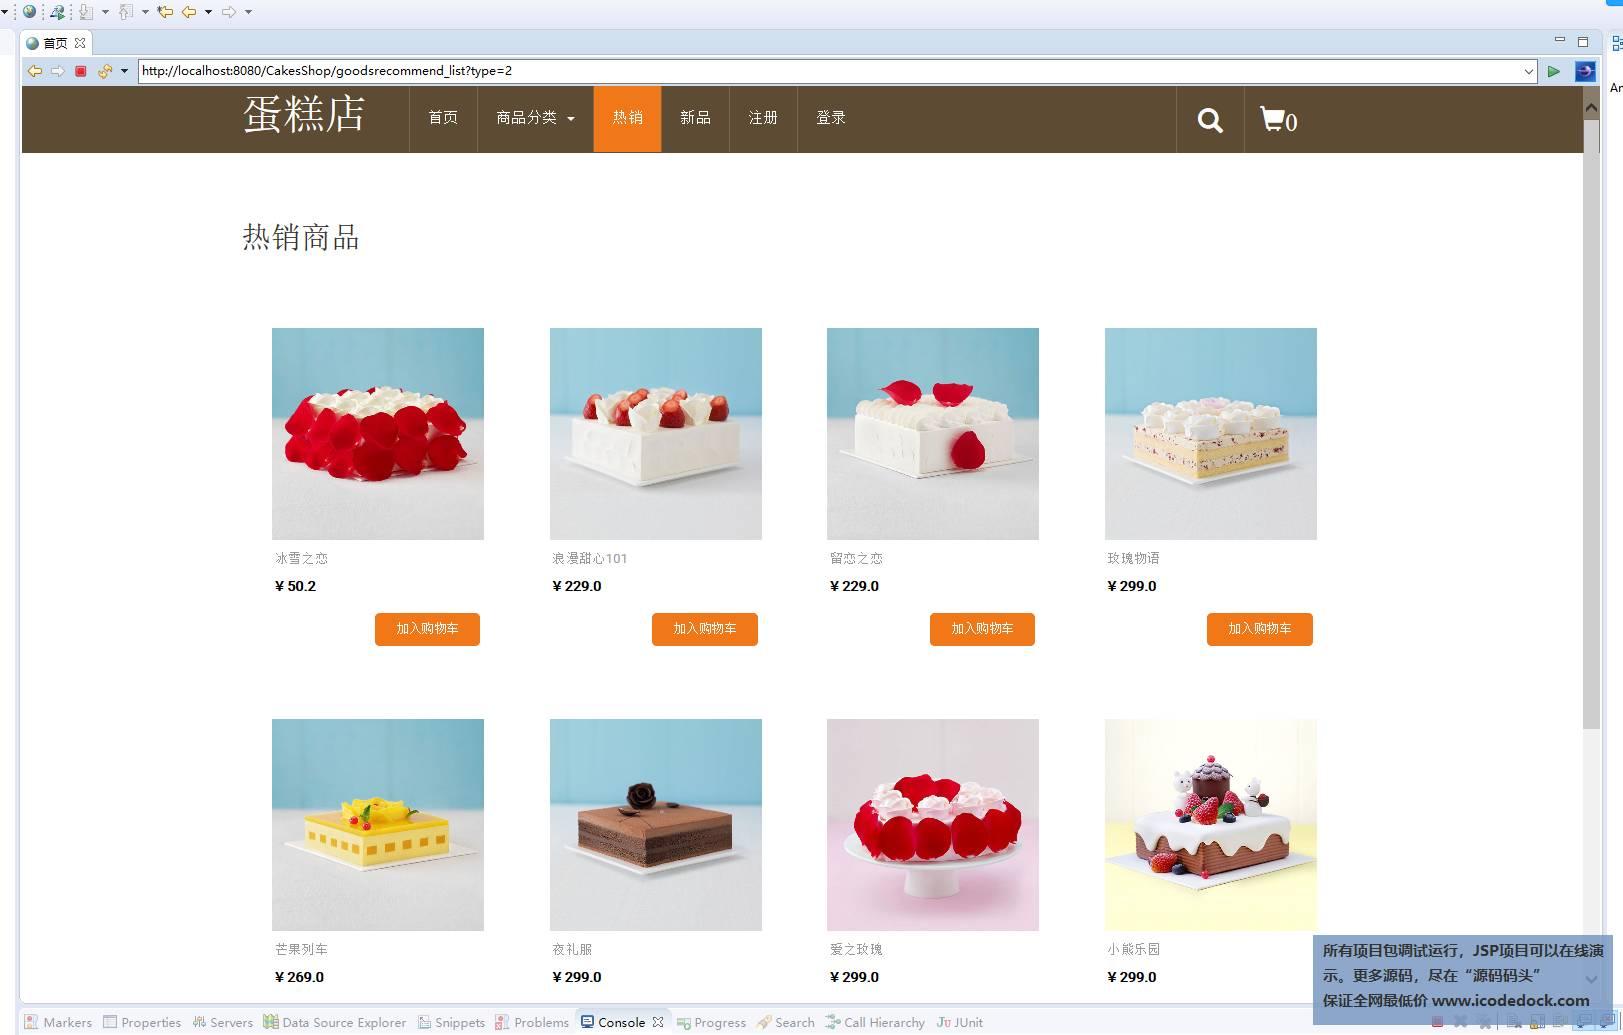 源码码头-JSP蛋糕甜品店管理系统-用户角色-热销和新品